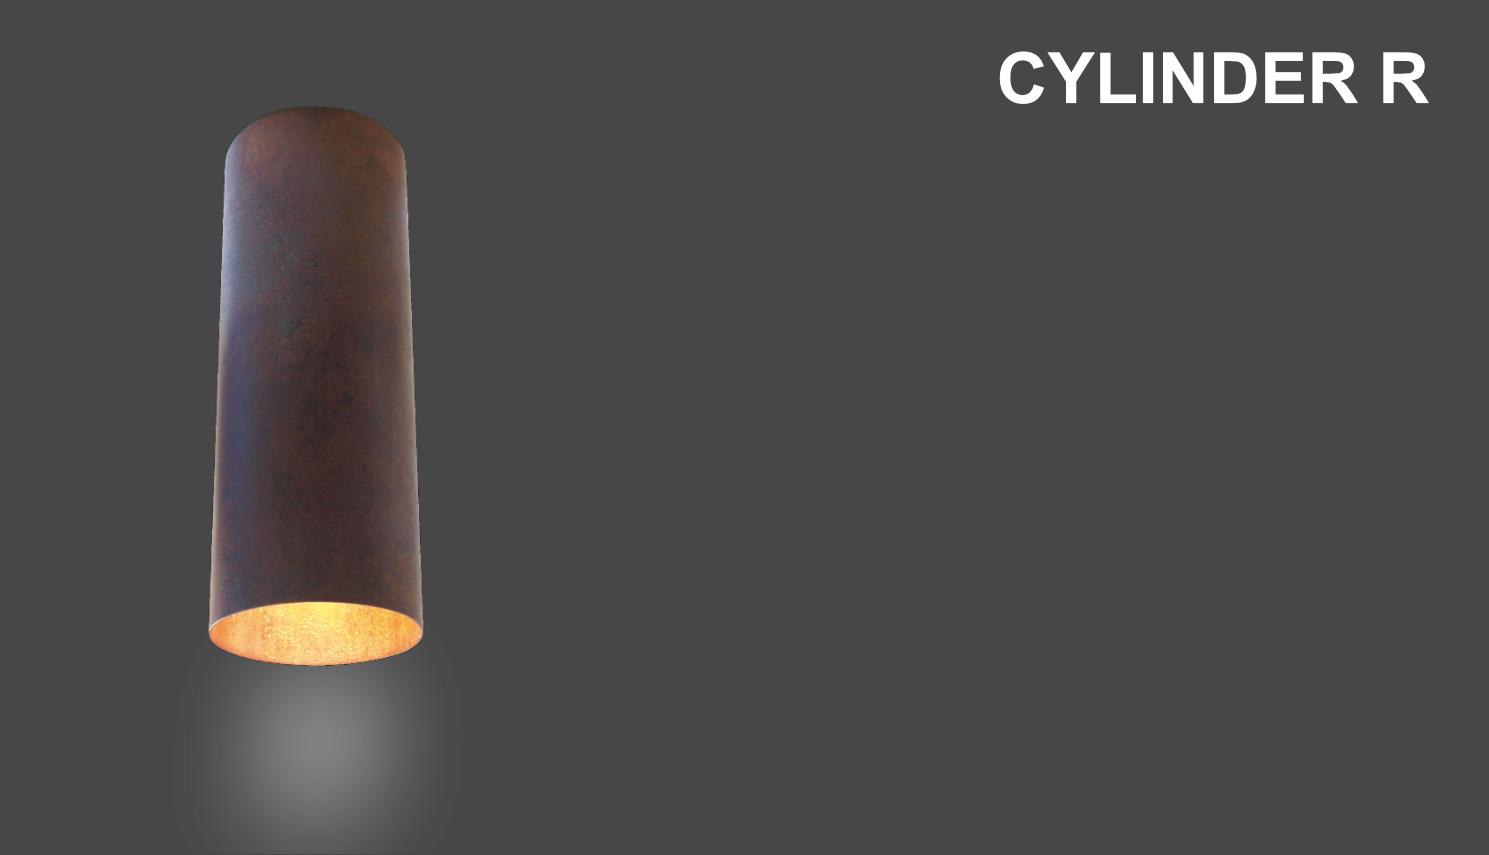 Cylinder R